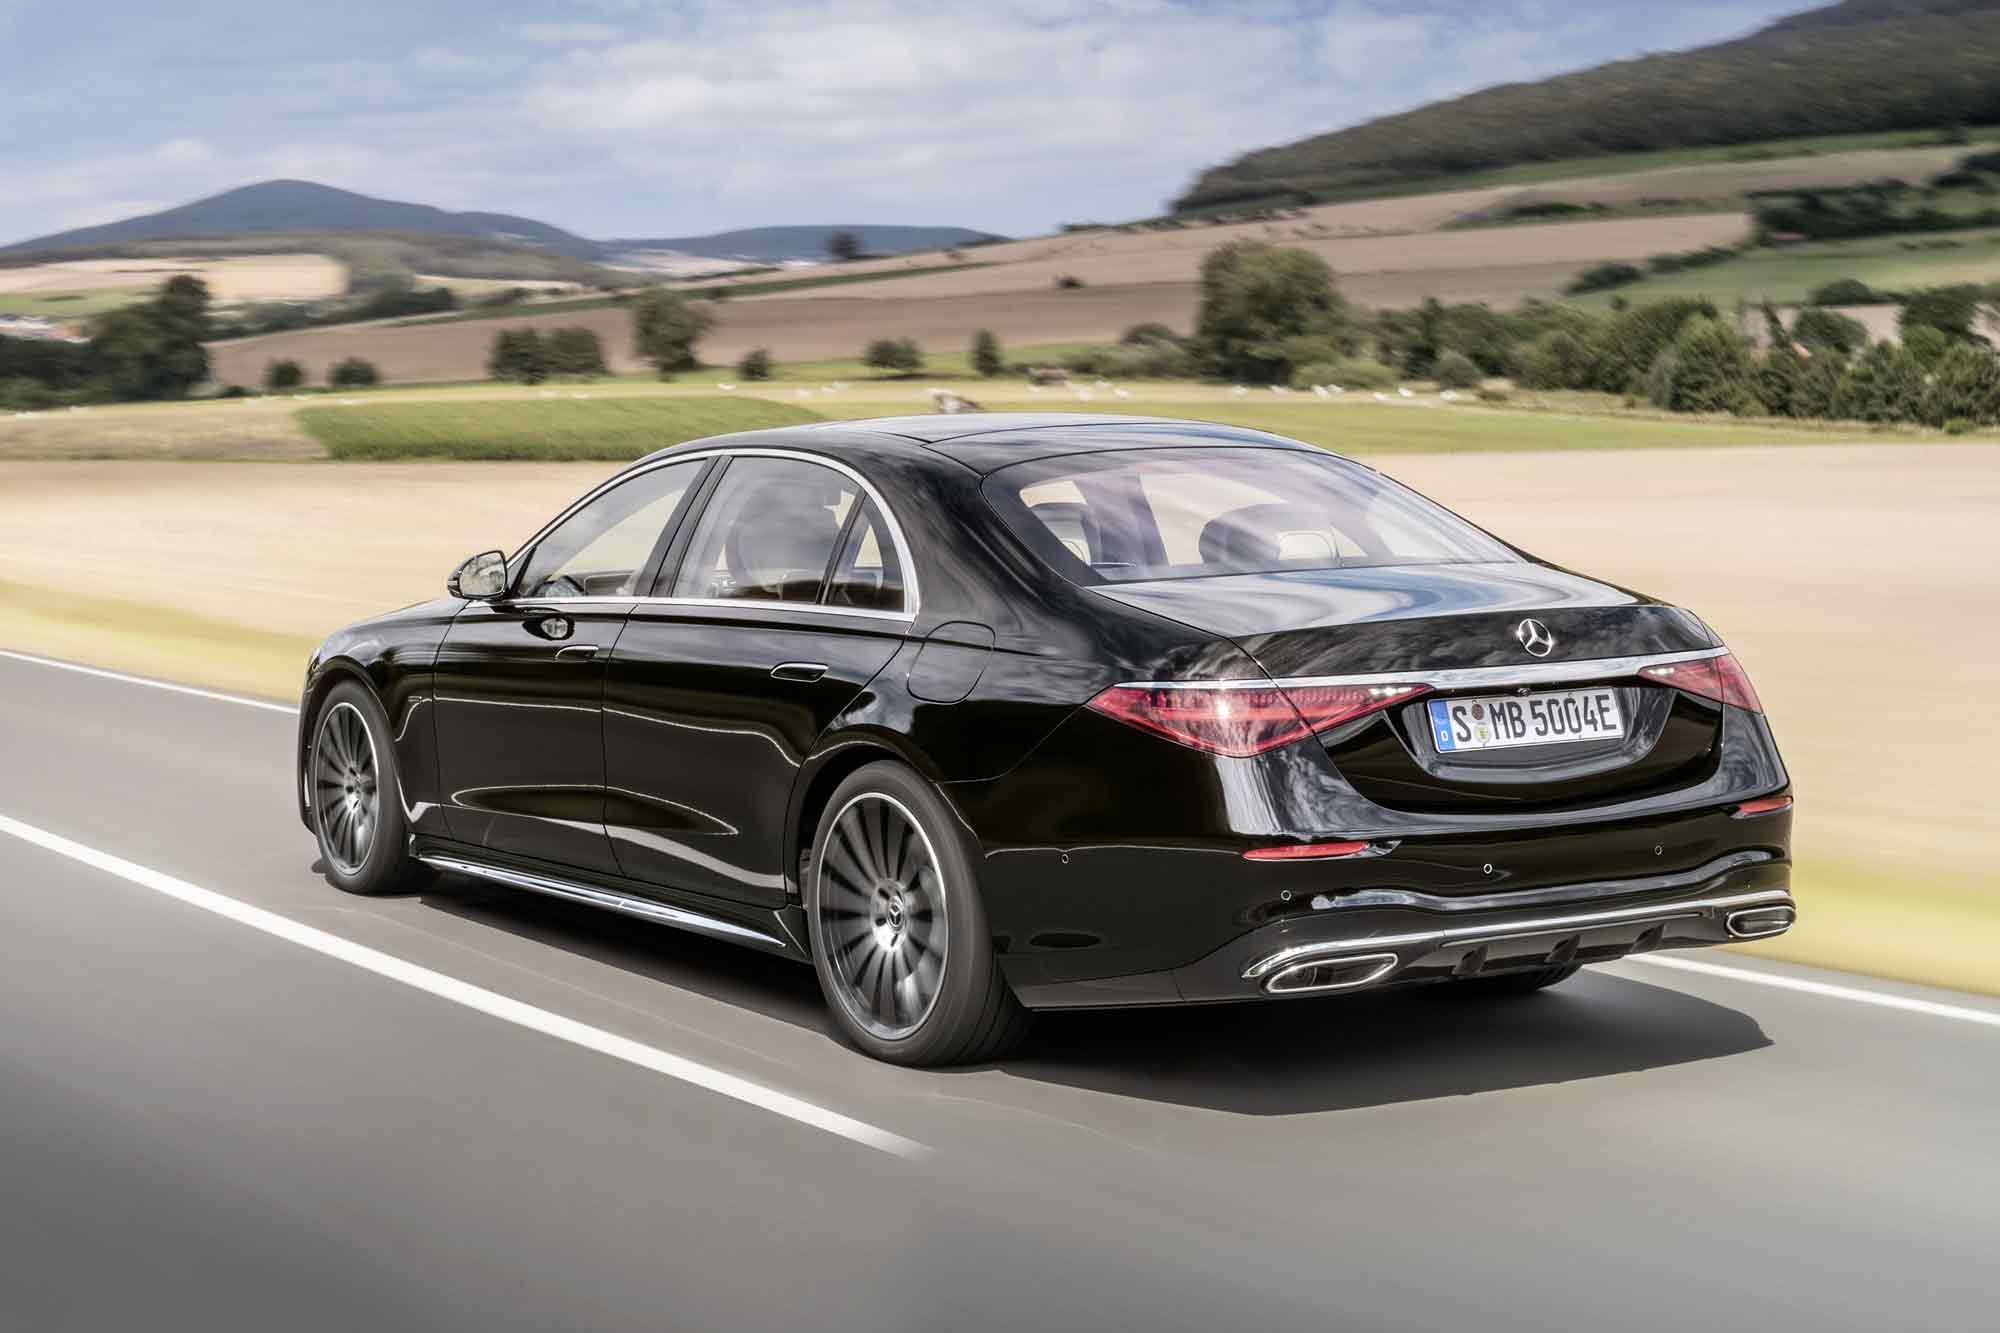 Mercedes Classe S 2020 su strada